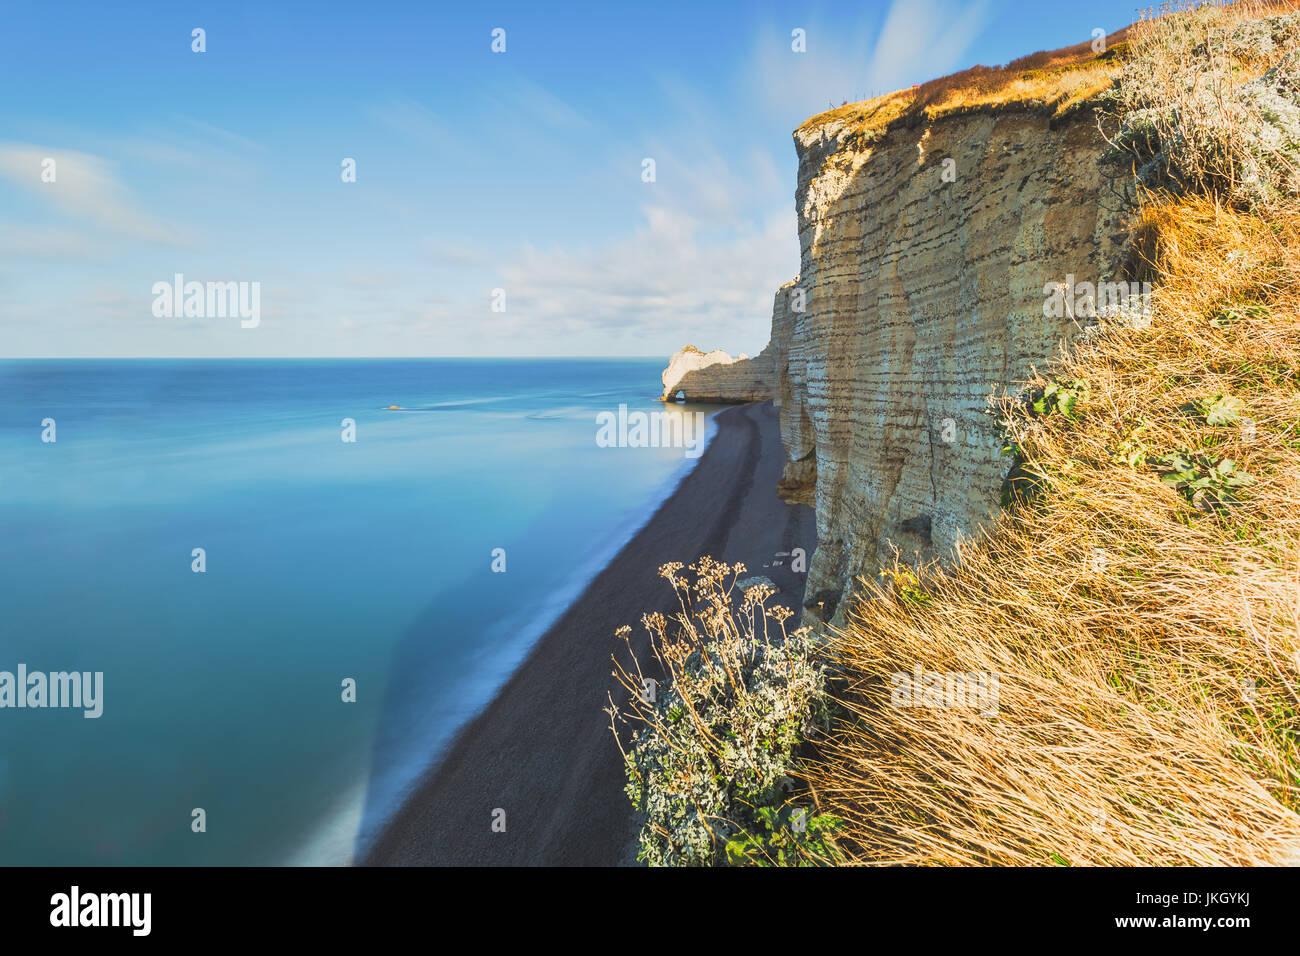 France, Normandy Coast, Etretat, France, Europe - Stock Image